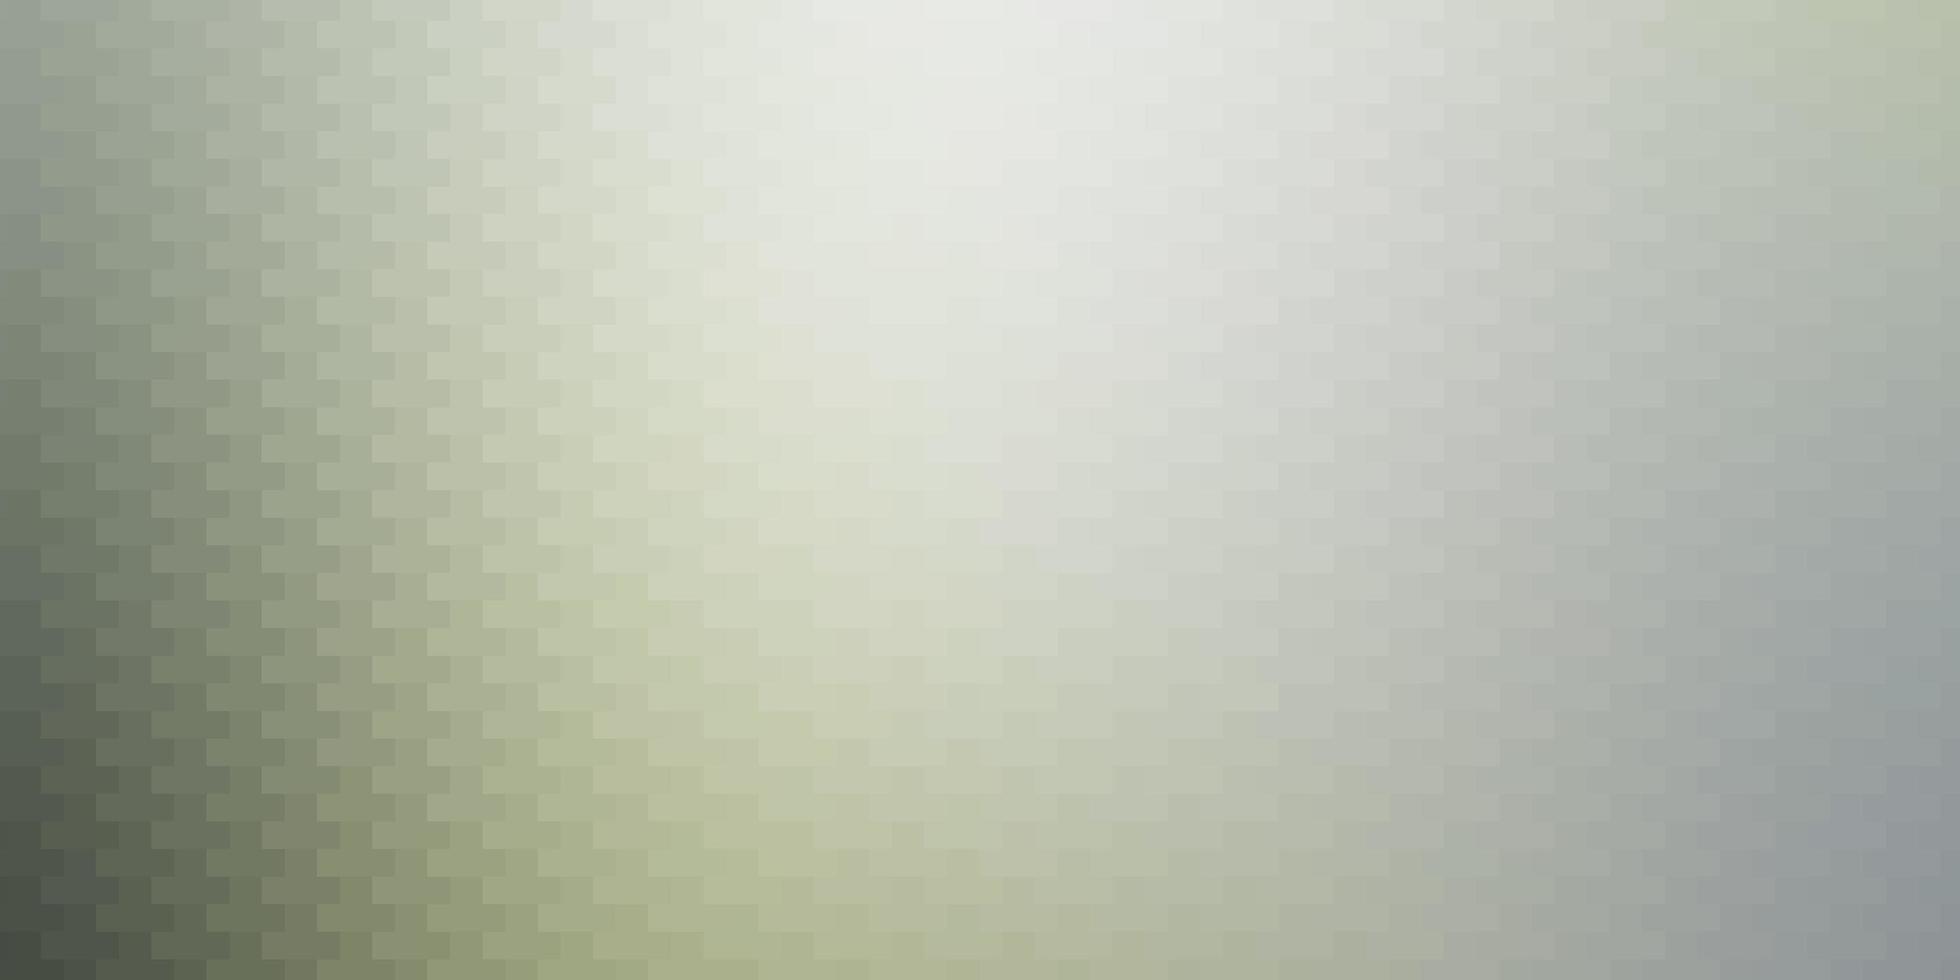 hellgraue Vektortextur im rechteckigen Stil. vektor